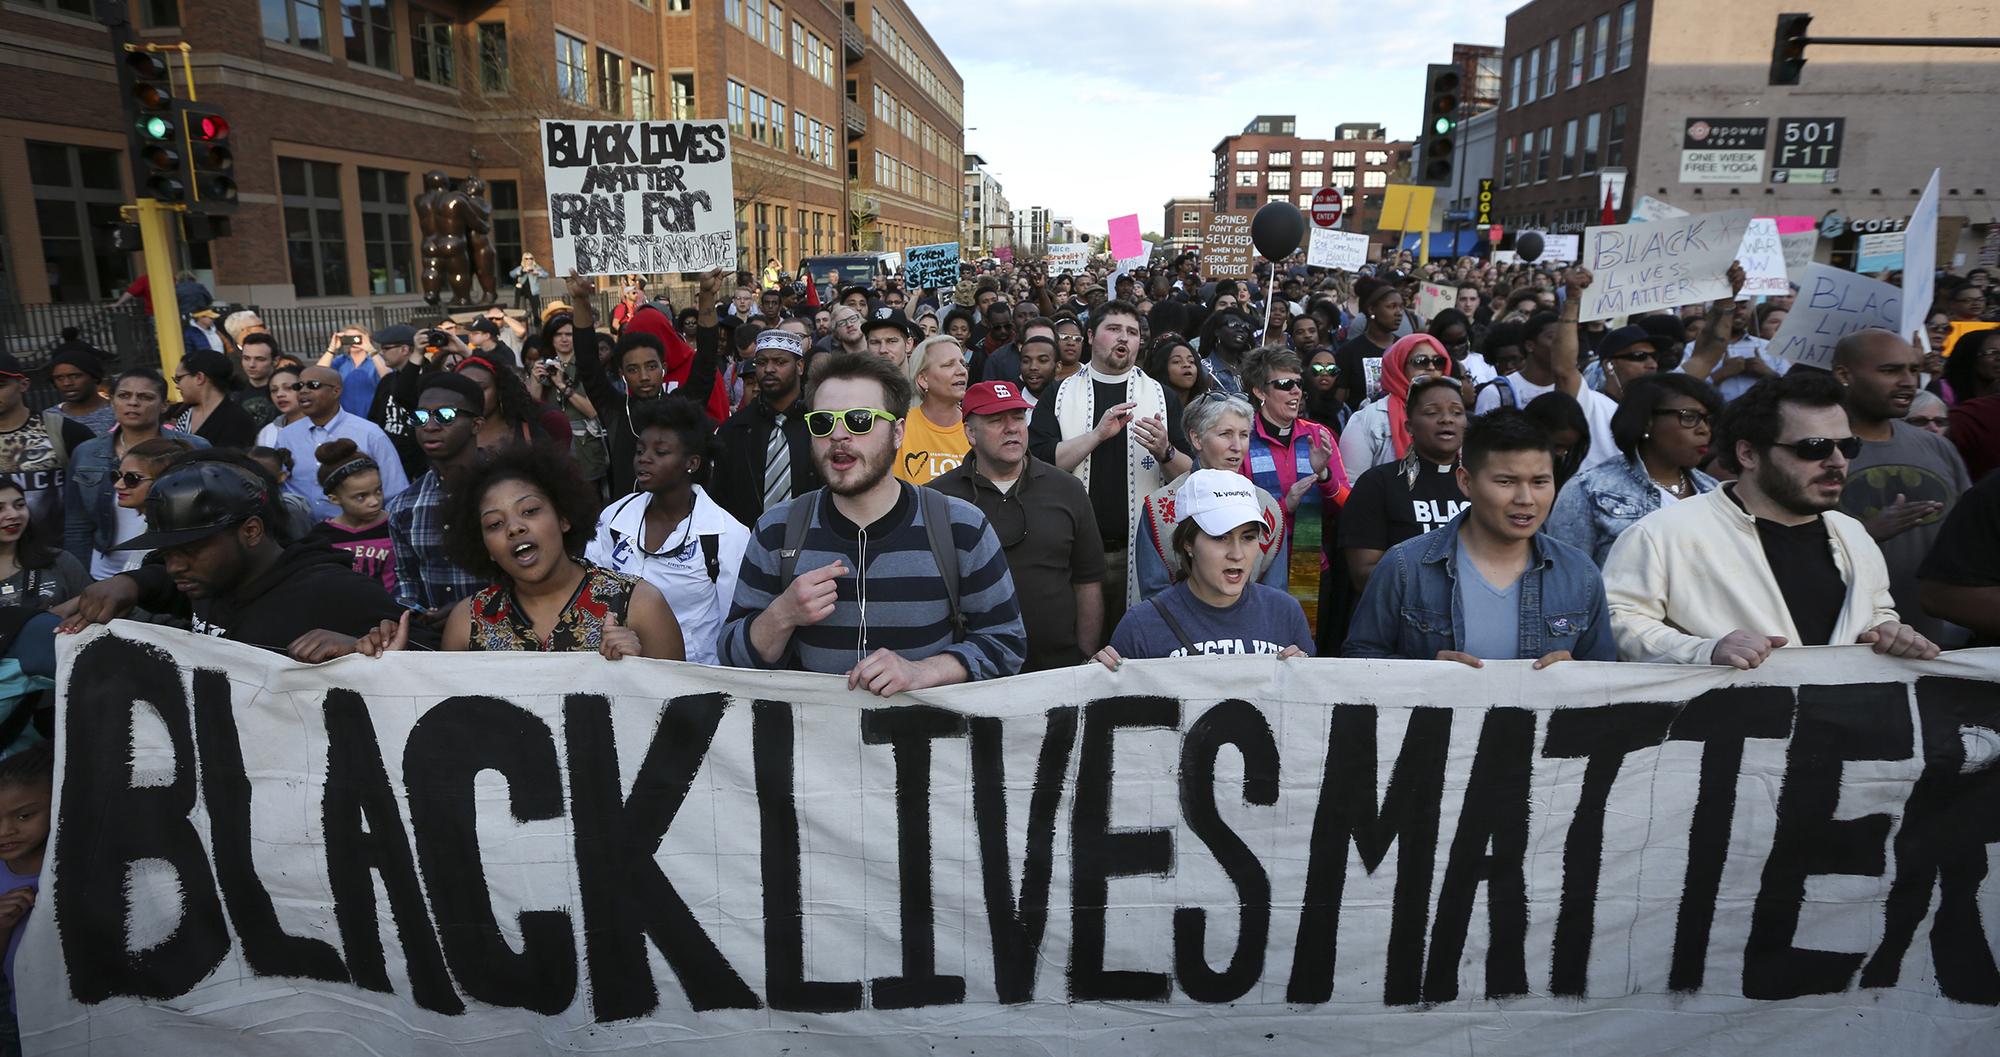 Black_Lives_Matter_2.jpg